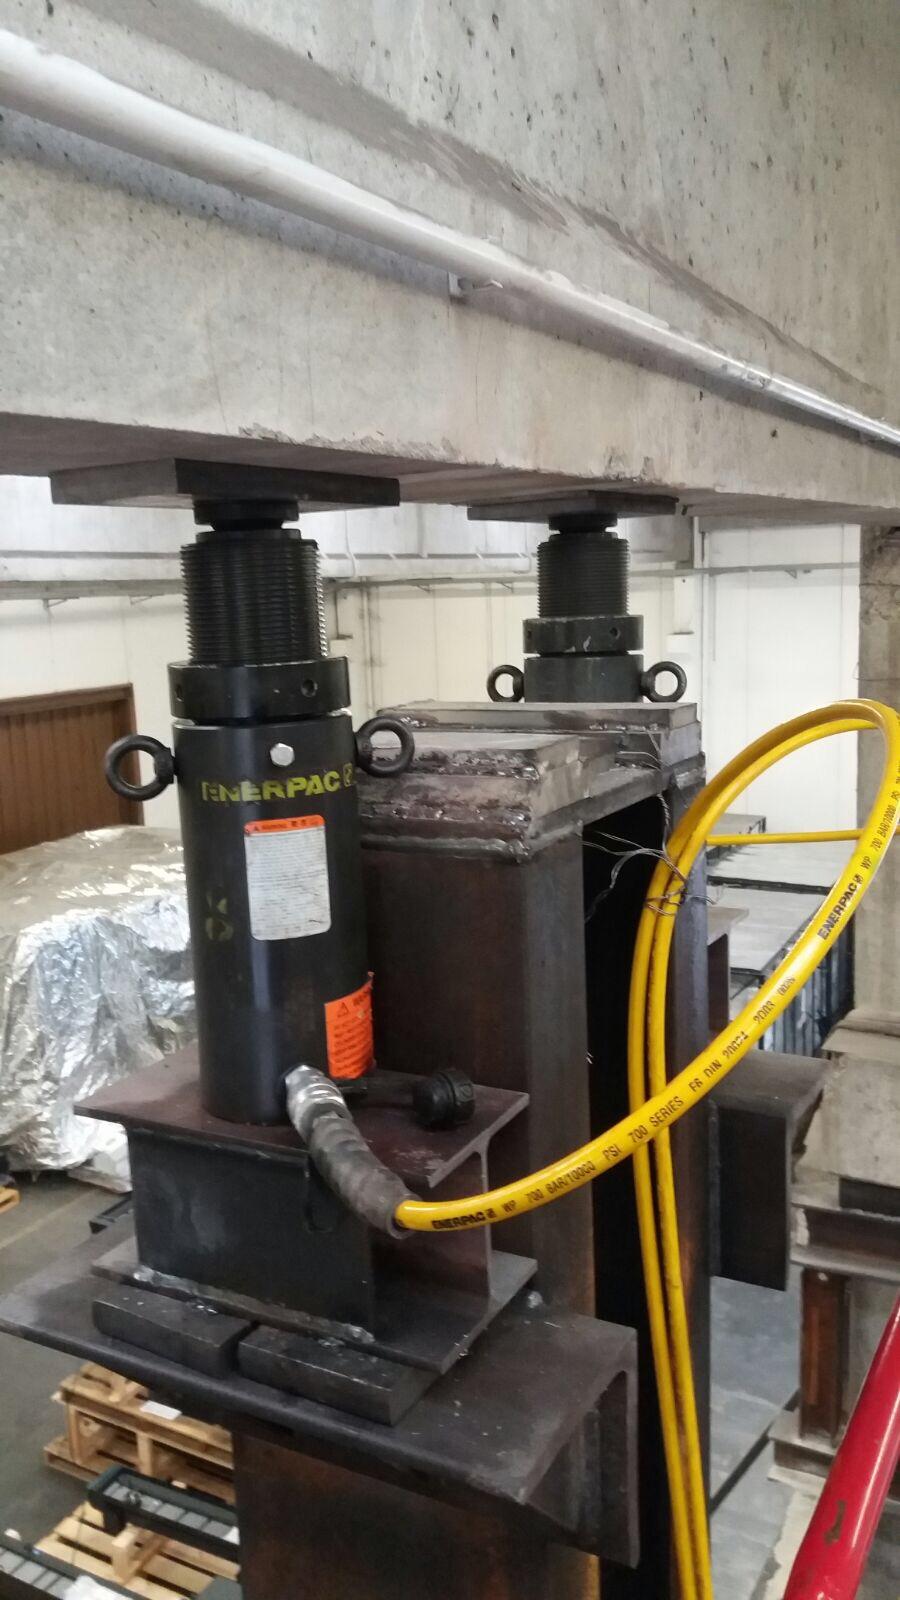 Sistema dei martinetti idraulici utilizzati nel sollevamento delle travi e il pilastro in cemento armato danneggiato - ITON SRL